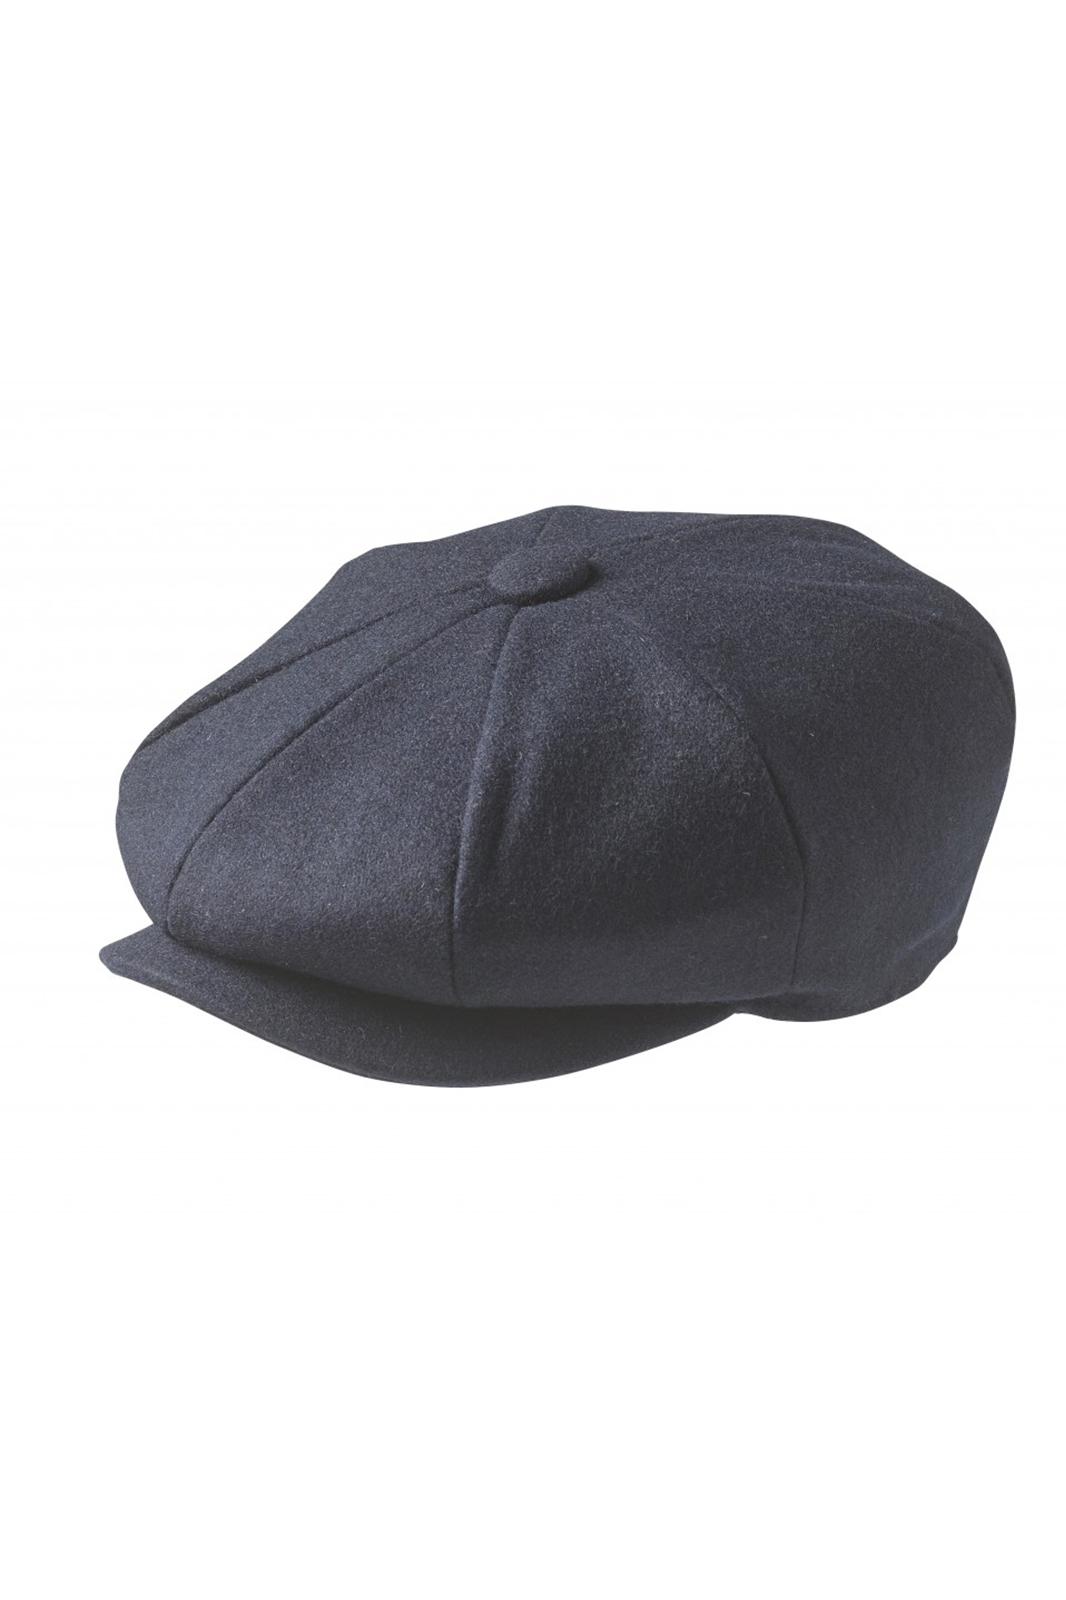 Wool Newsboy Cap Navy Blue är en klassisk, handgjord keps, gjord av 100% ull. Modellen kommer från Peaky Blinders och har en knapp på toppen. Storleksguide Small: 55 cm Medium: 57 cm Large: 59 cm X-large: 61 cm XX-large: 63 cm Wool Newsboy Cap Navy Blue Modell: Keps Färg: Blå Storlek: M-XL Material: 100% ull Varumärke: Peaky Blinders